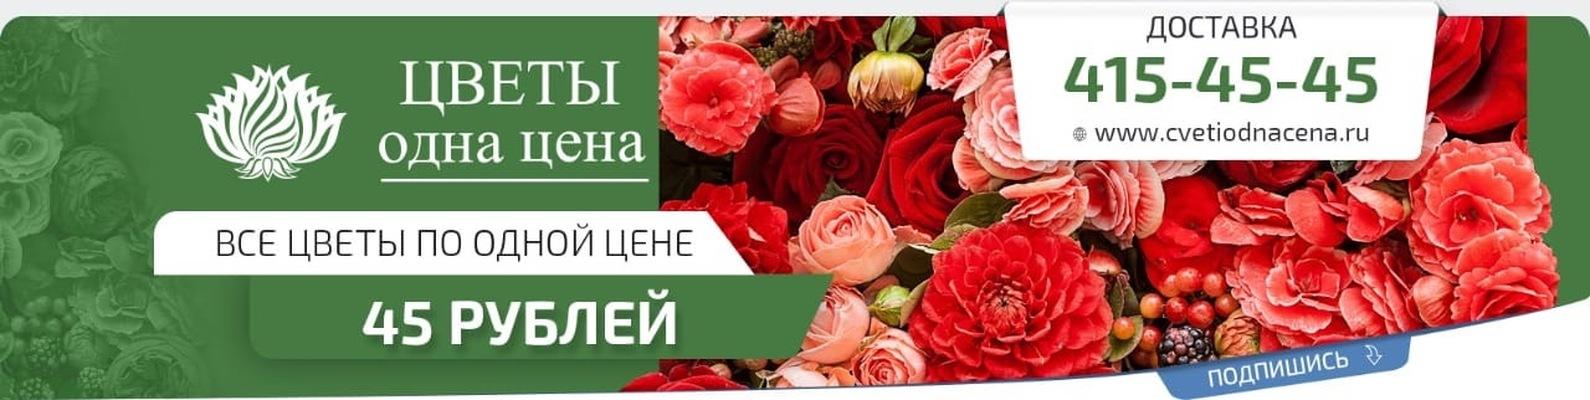 adresa-deshevih-magazinov-tsvetov-zakazat-tsveti-dlya-muzhchin-s-stavropol